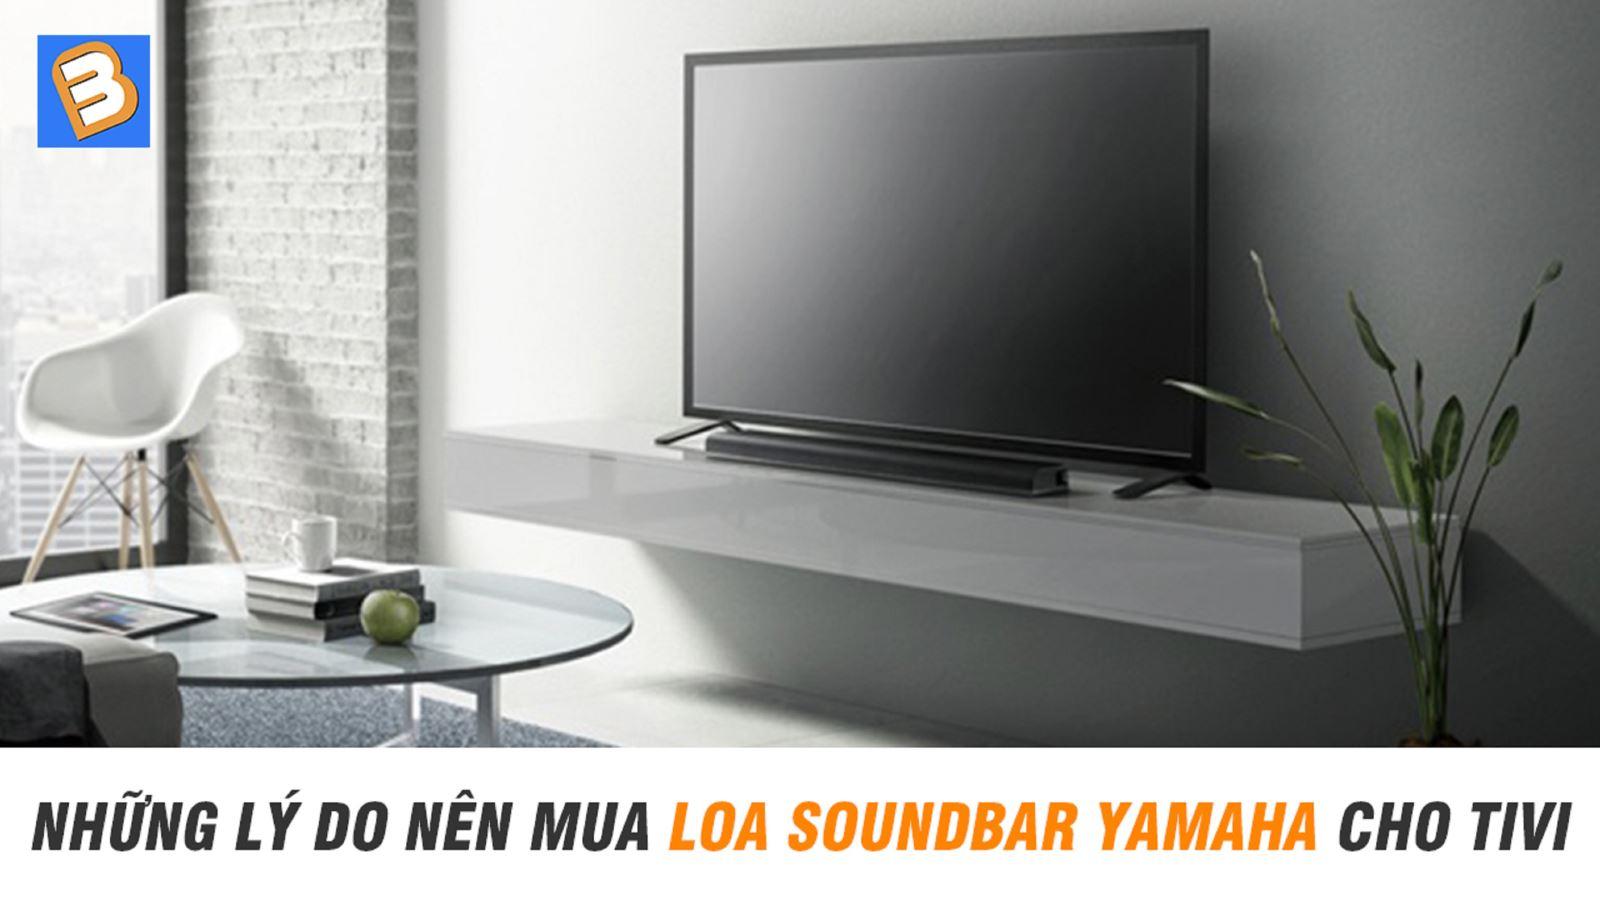 Những lý do nên mua loa soundbar Yamaha cho Tivi